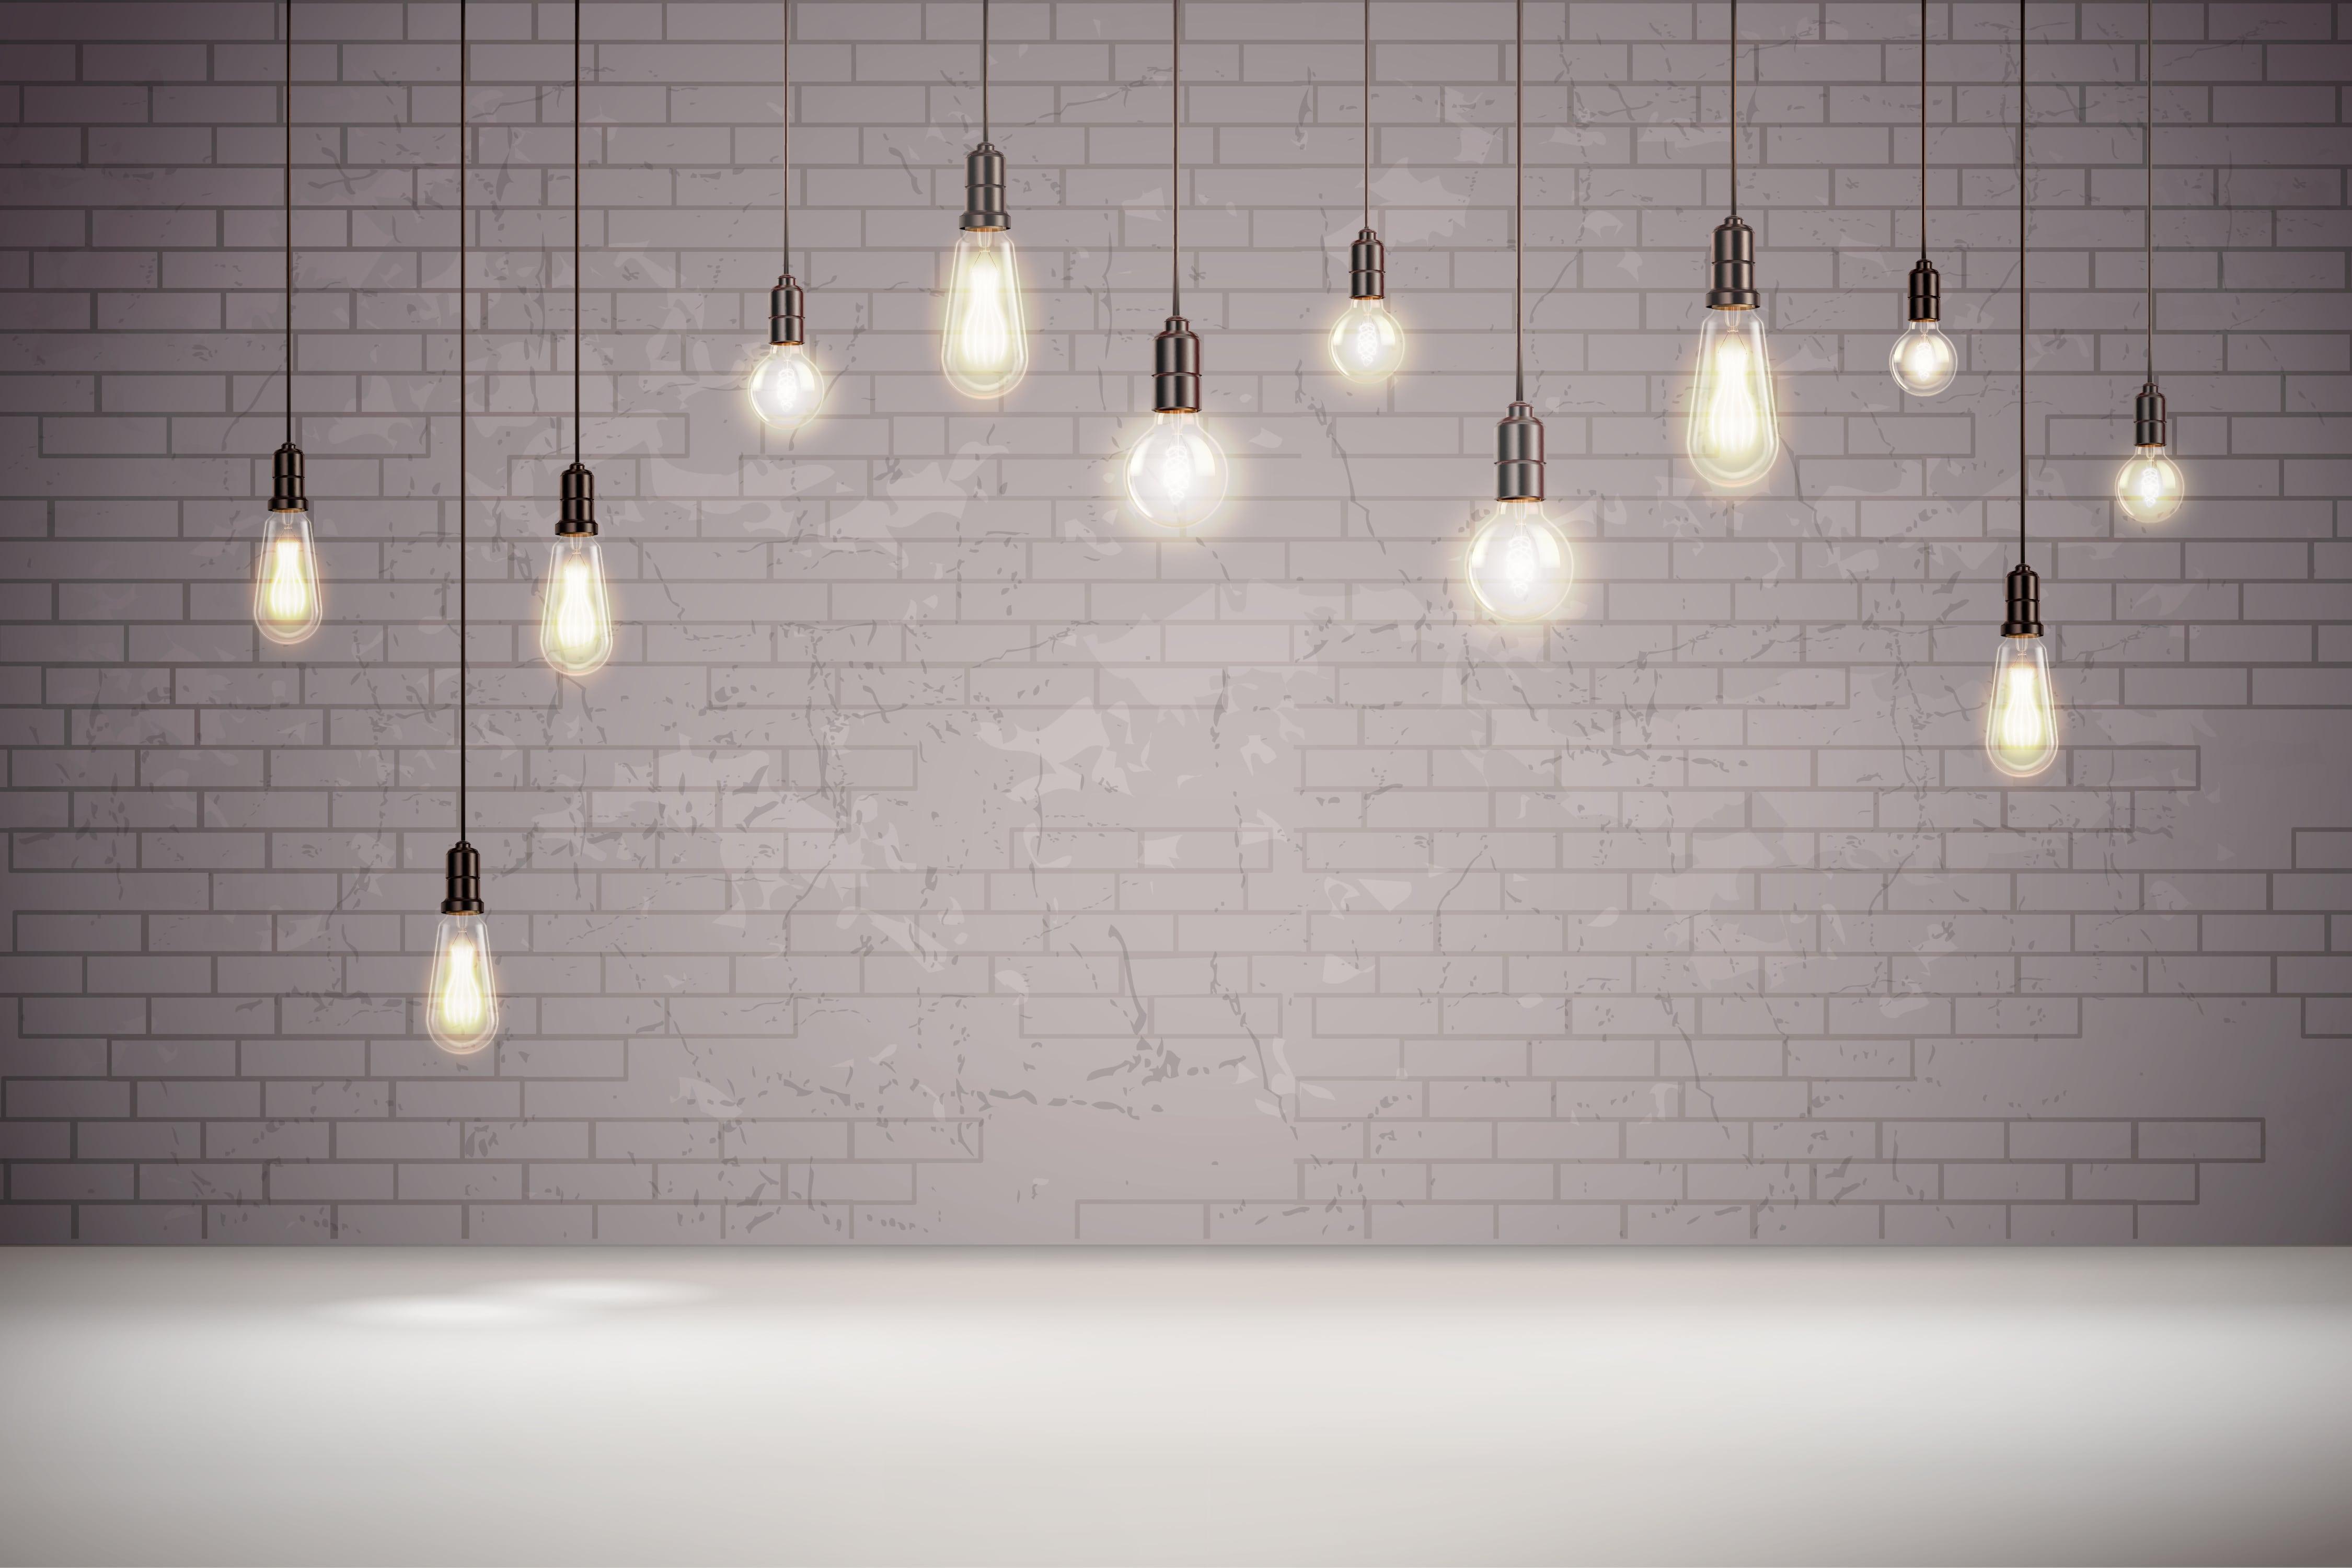 המדריך לבחירת מנורות קיר